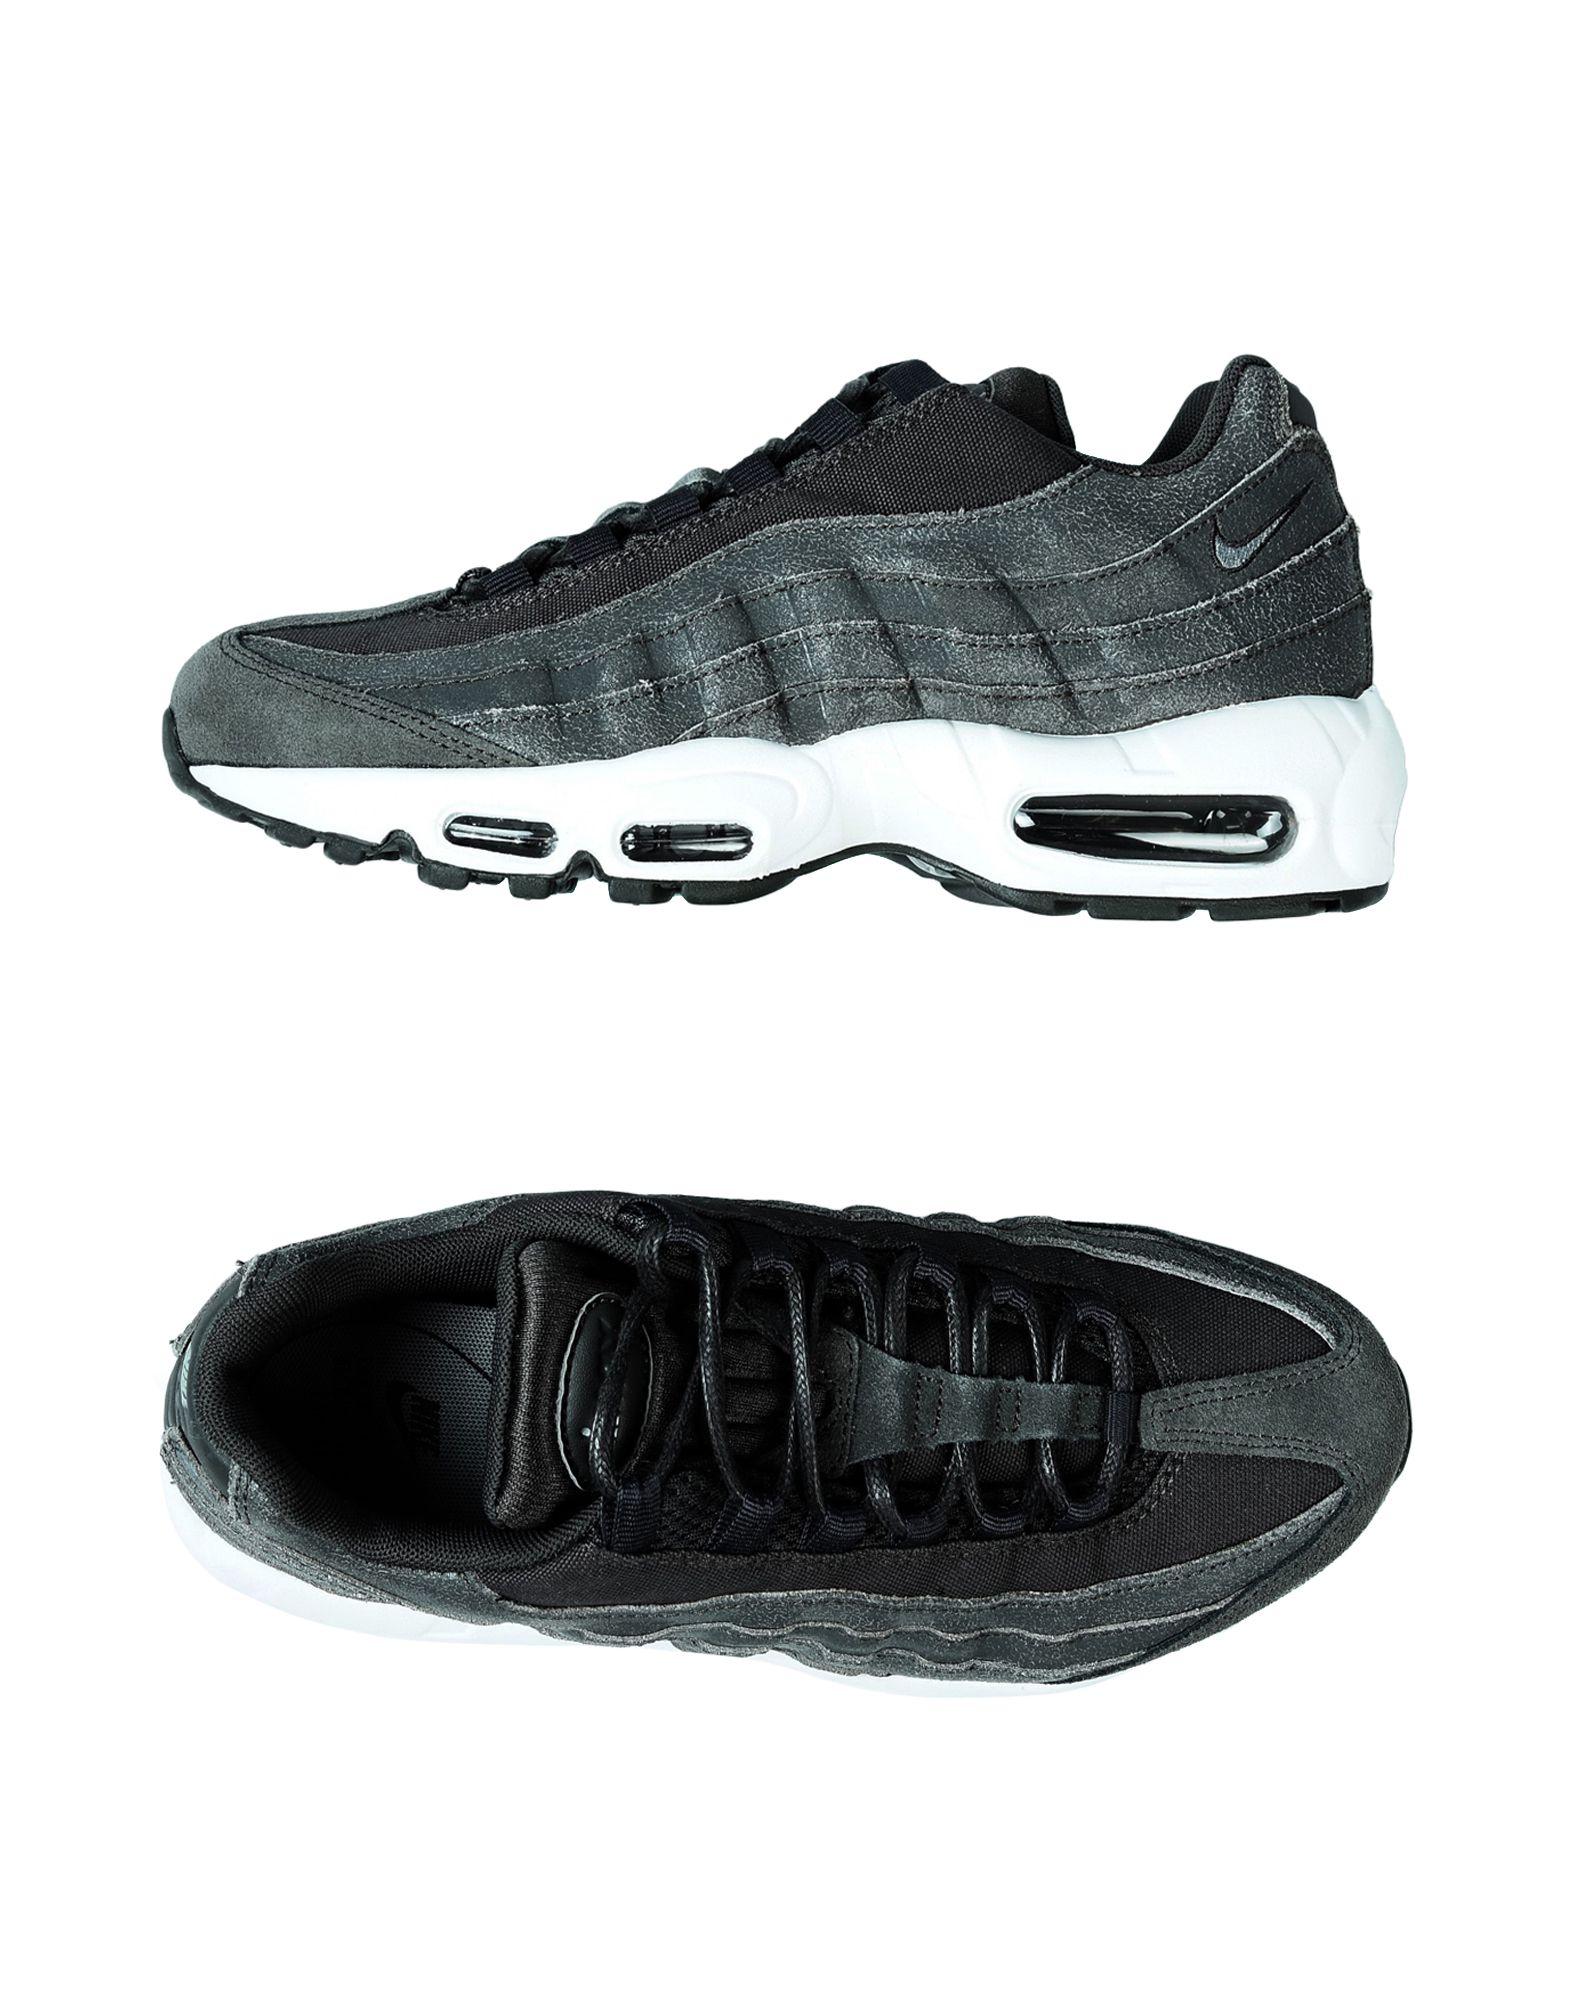 Sneakers Nike Air Max 95 Prm - Femme - Sneakers Nike sur